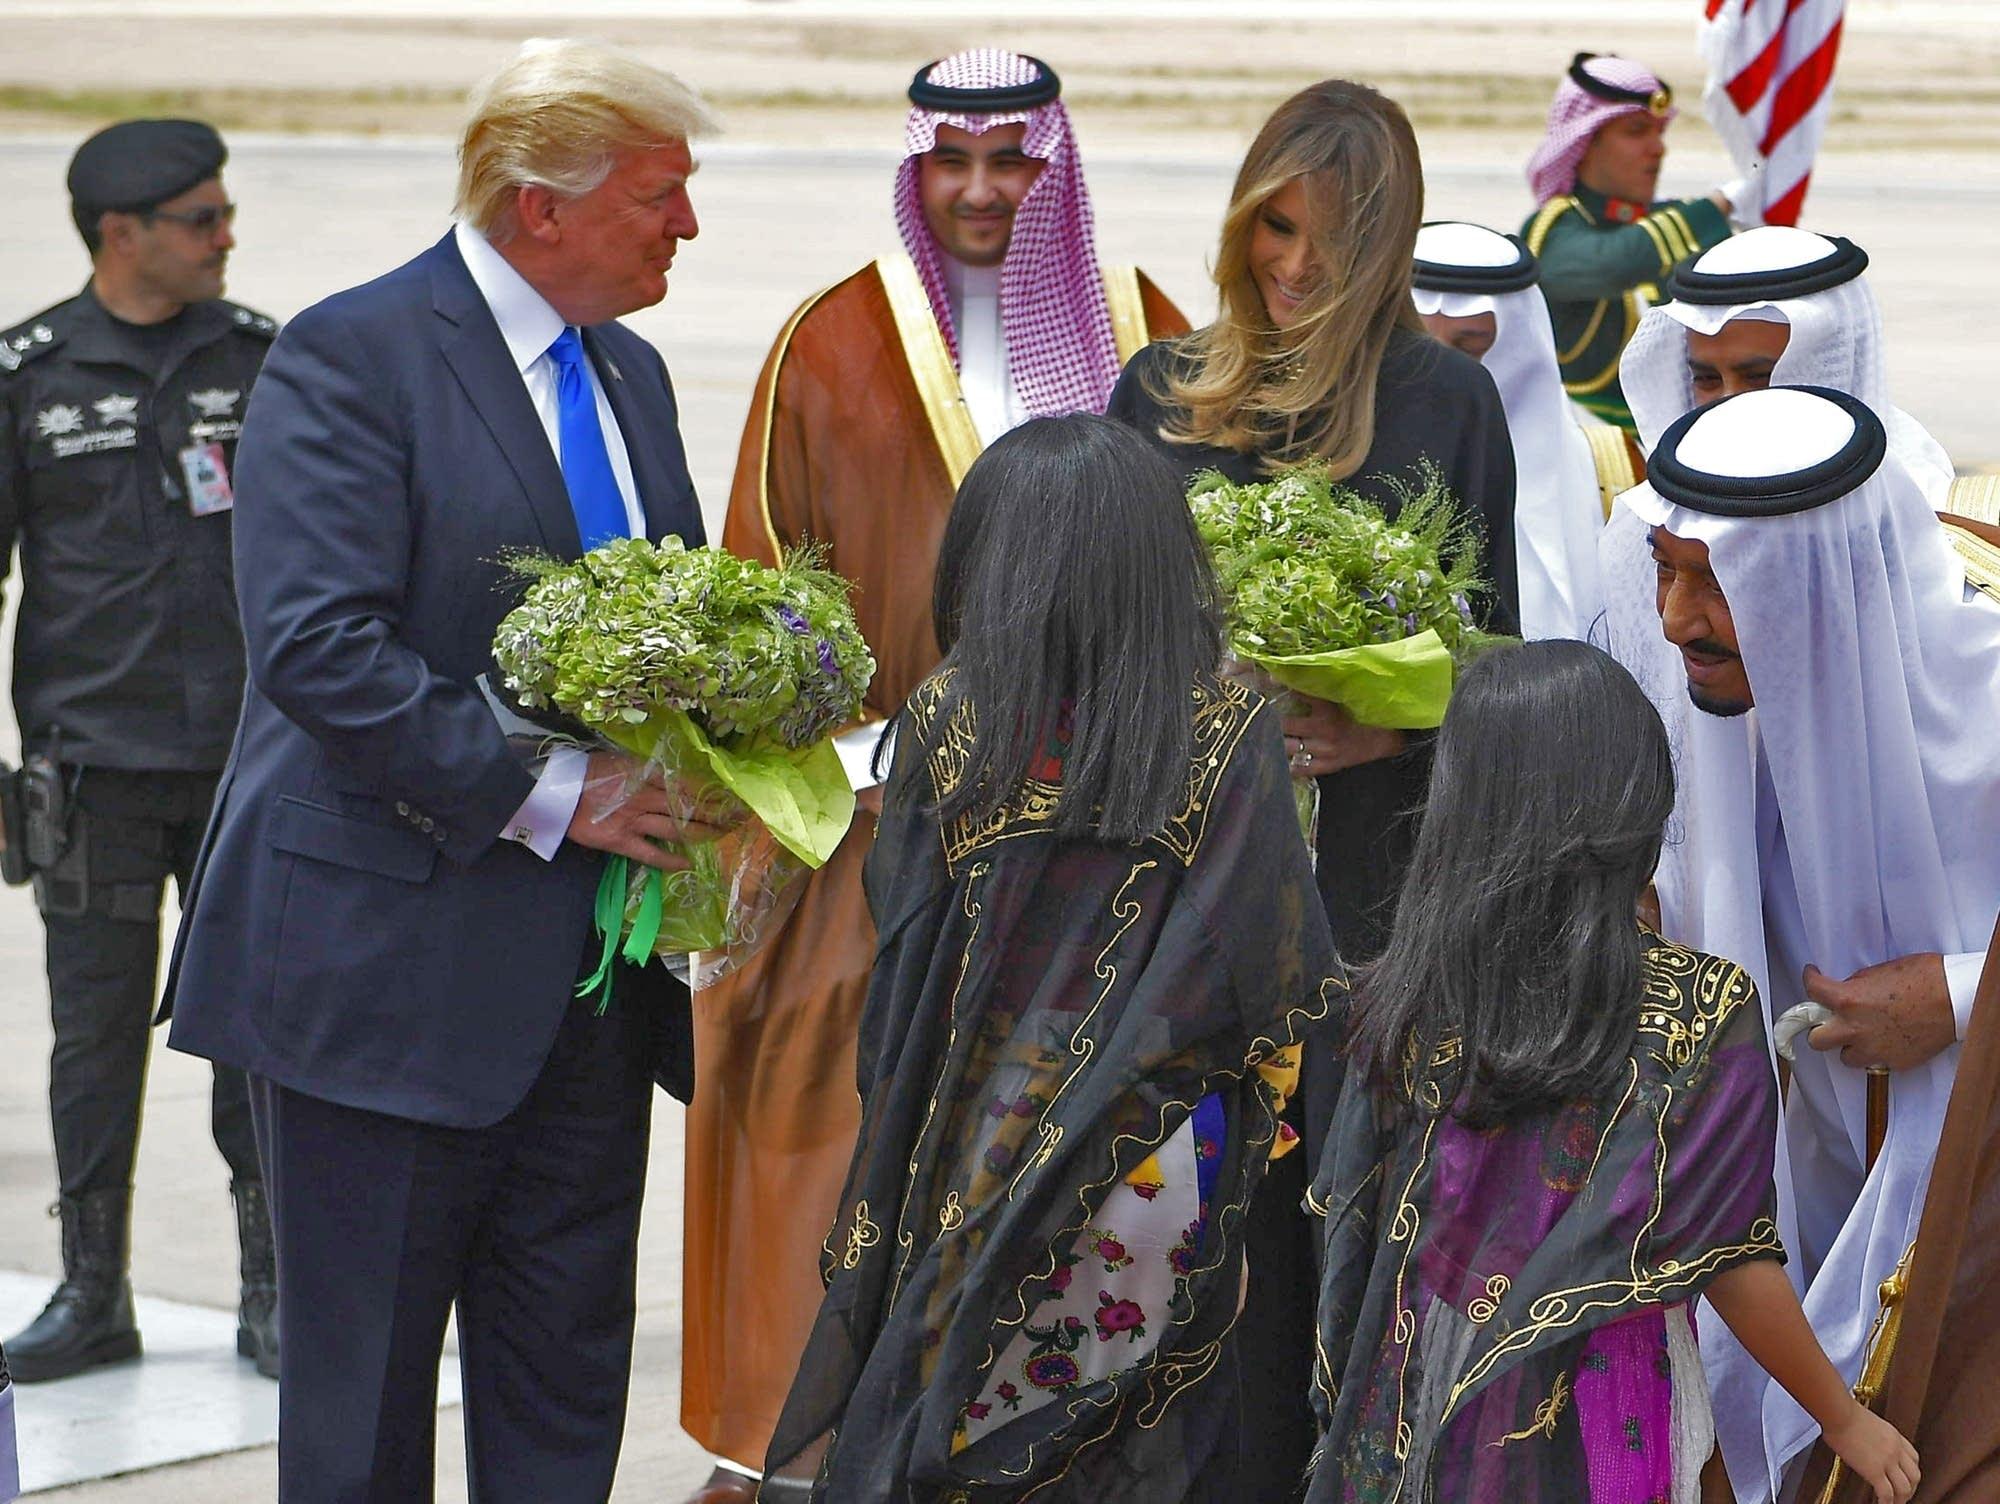 No headscarves for Melania and Ivanka Trump